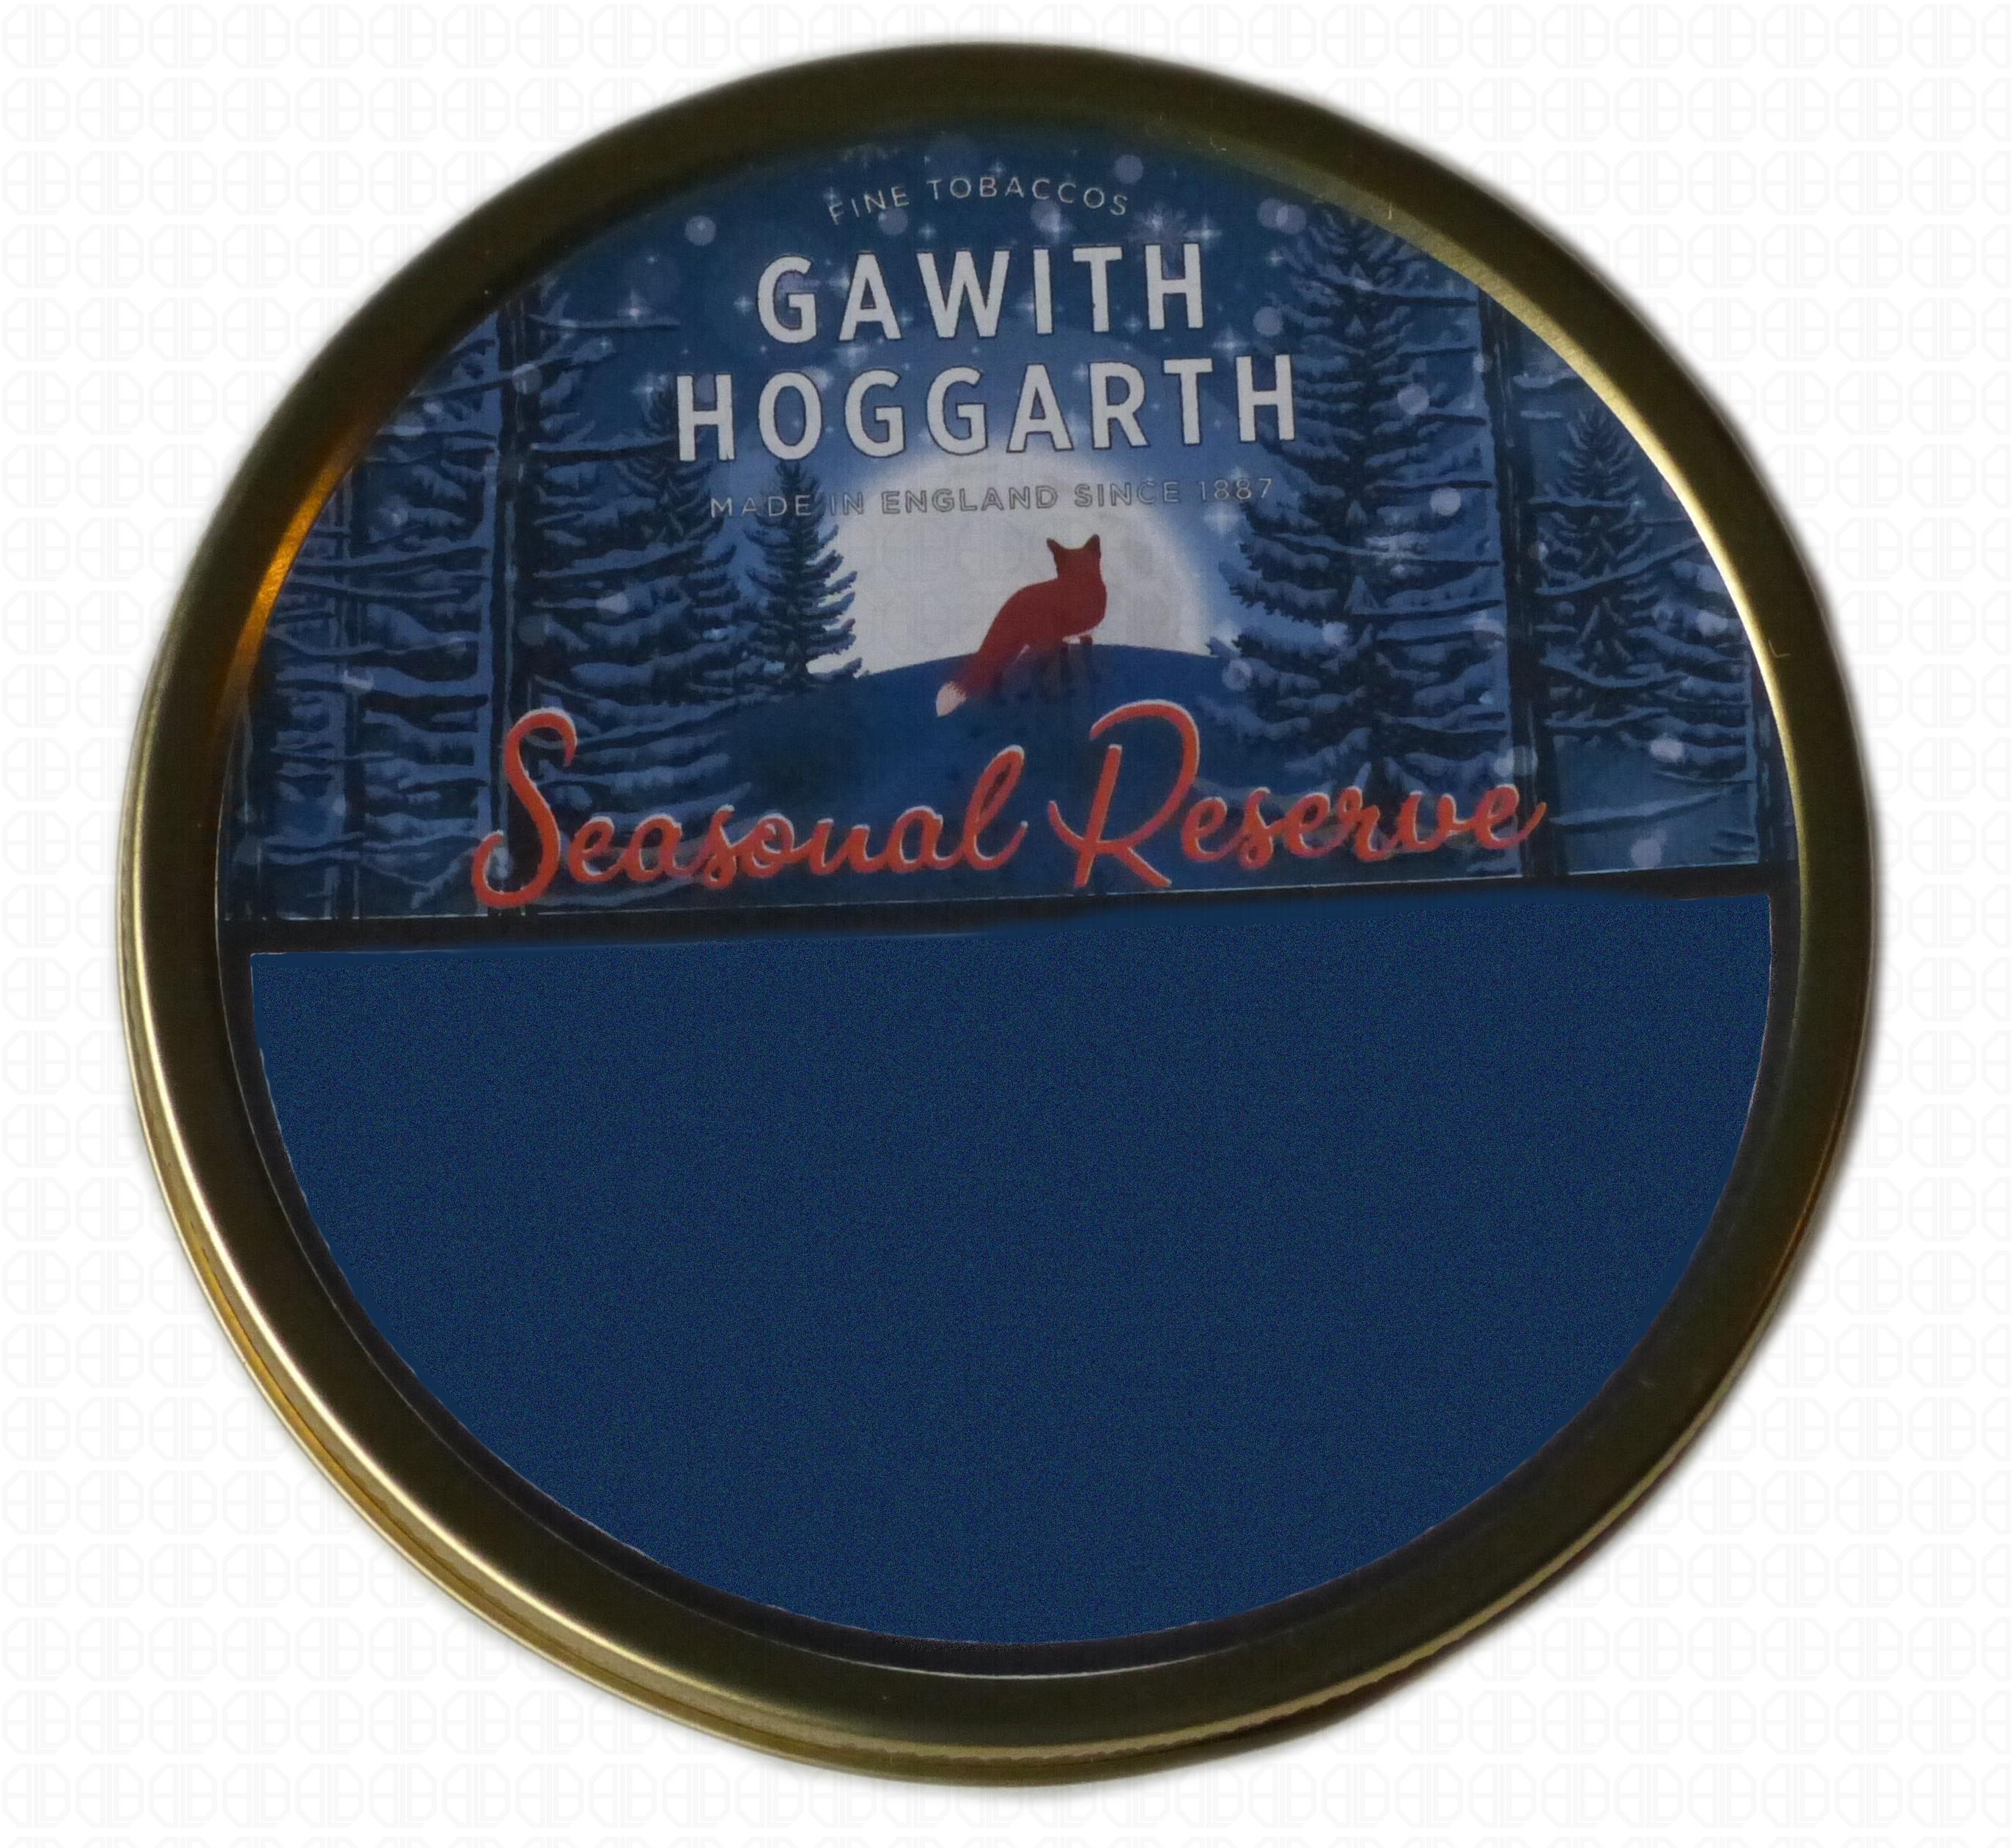 Gawith Hoggarth Seasonal Reserve 2020 (50g)